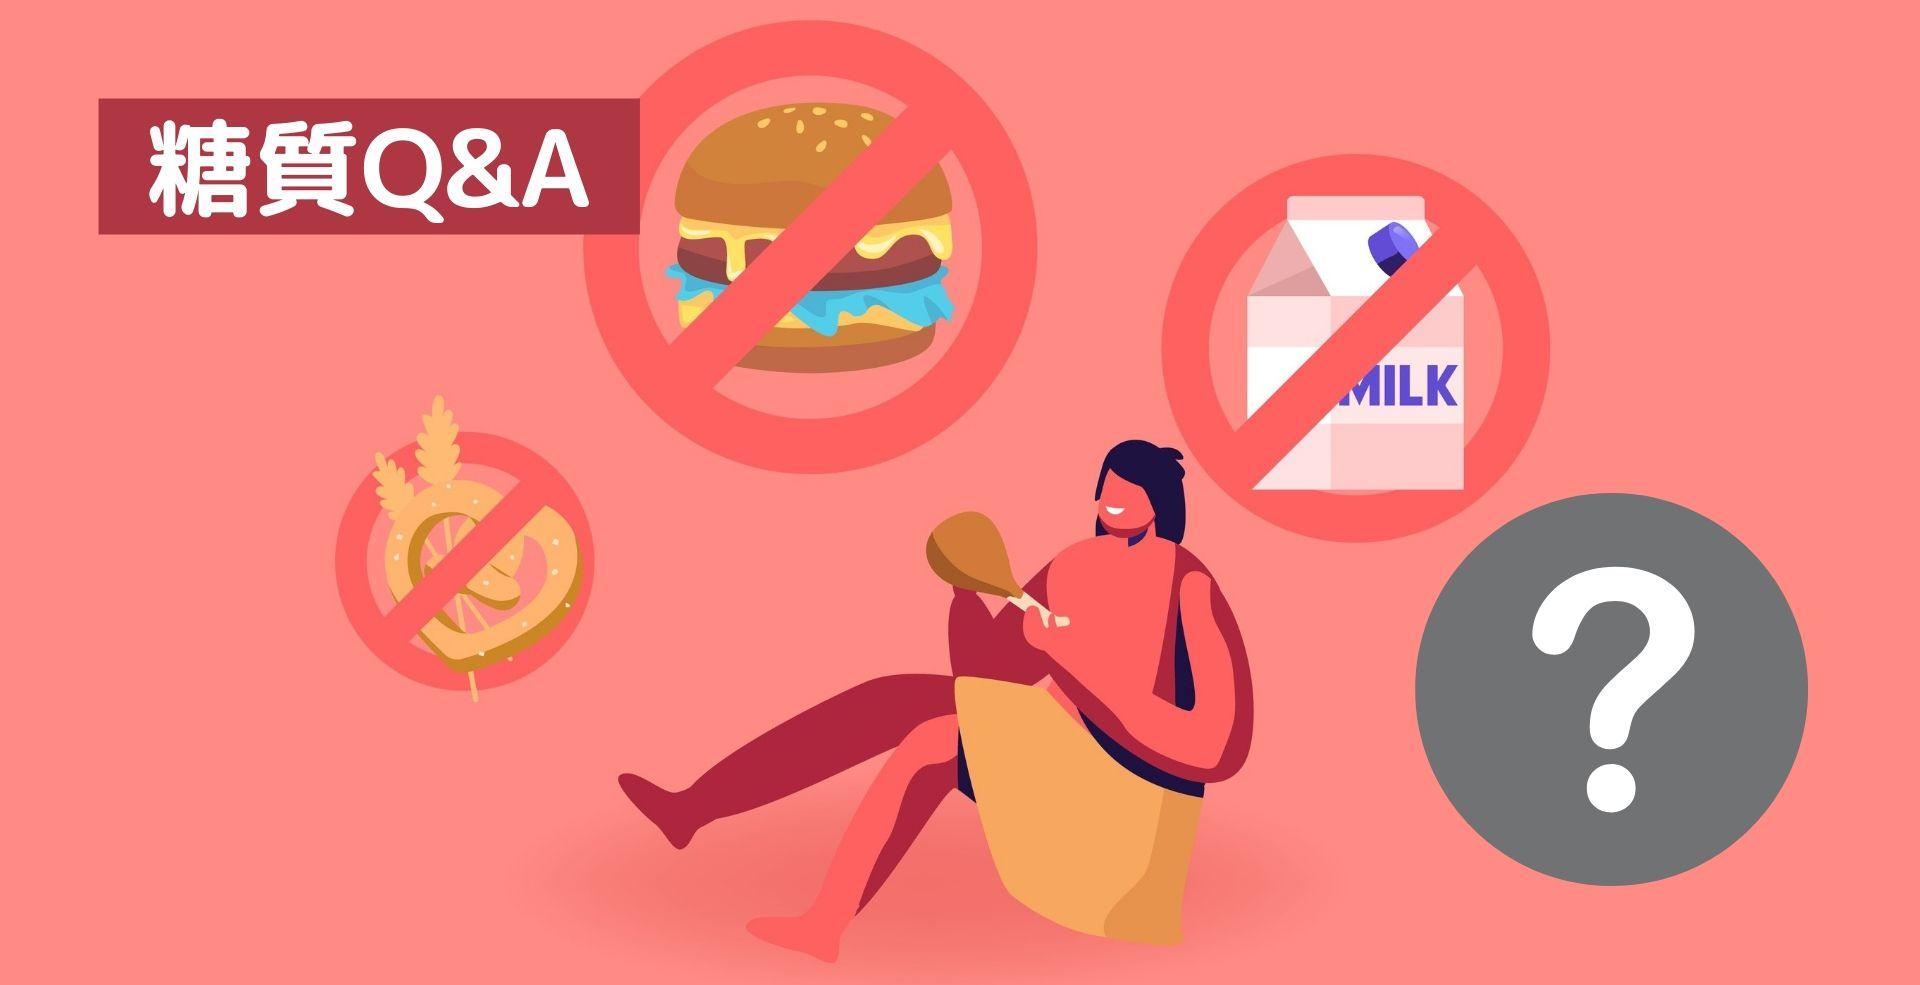 糖質Q&A:糖質制限ダイエットで痩せる理由は?夜は炭水化物抜きがいい?